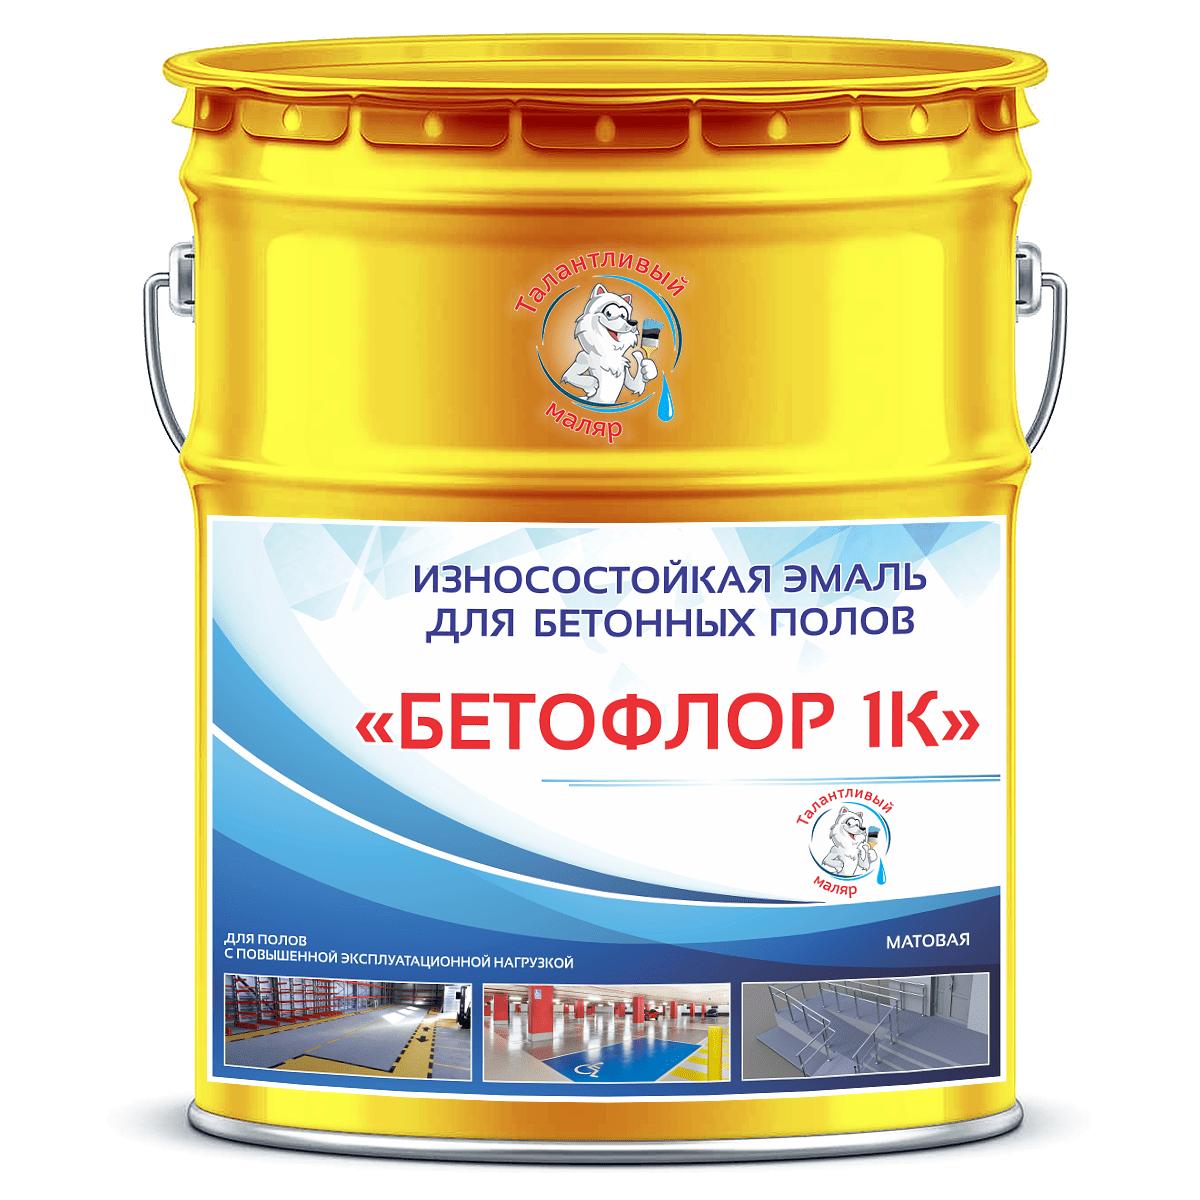 """Фото 15 - BF1017 Эмаль для бетонных полов """"Бетофлор"""" 1К цвет RAL 1017 Шафраново-жёлтый, матовая износостойкая, 25 кг """"Талантливый Маляр""""."""